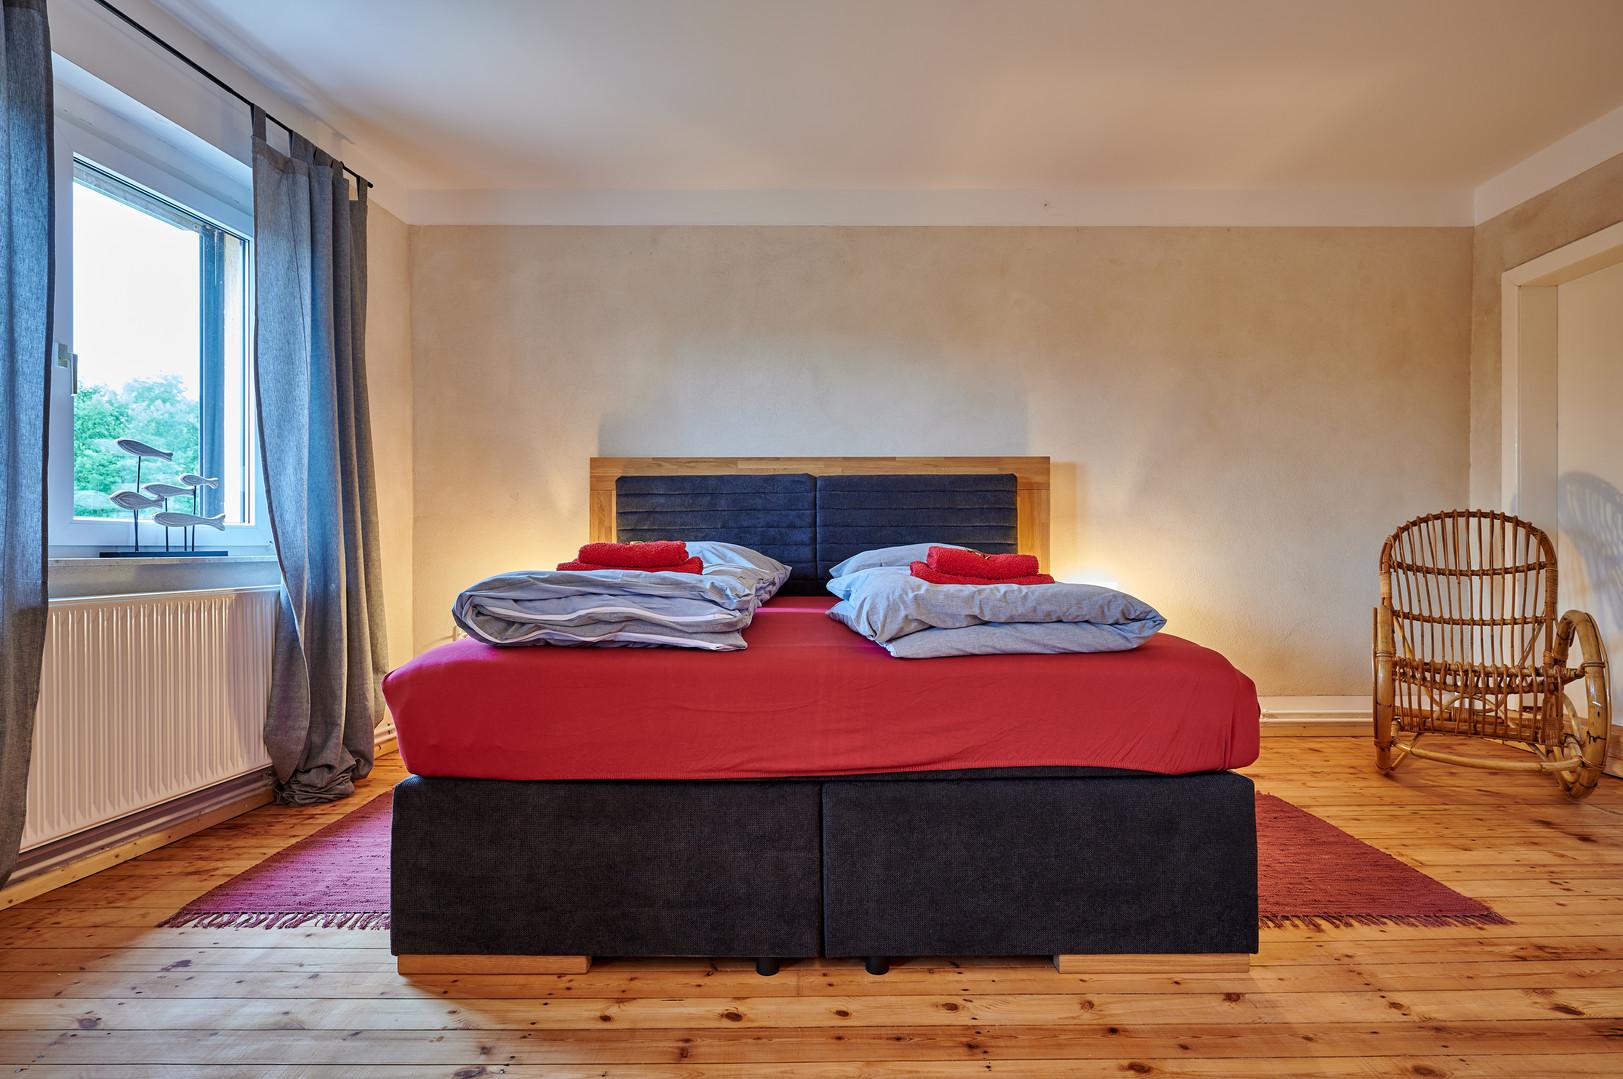 Schlafzimmer zur Saale.JPG